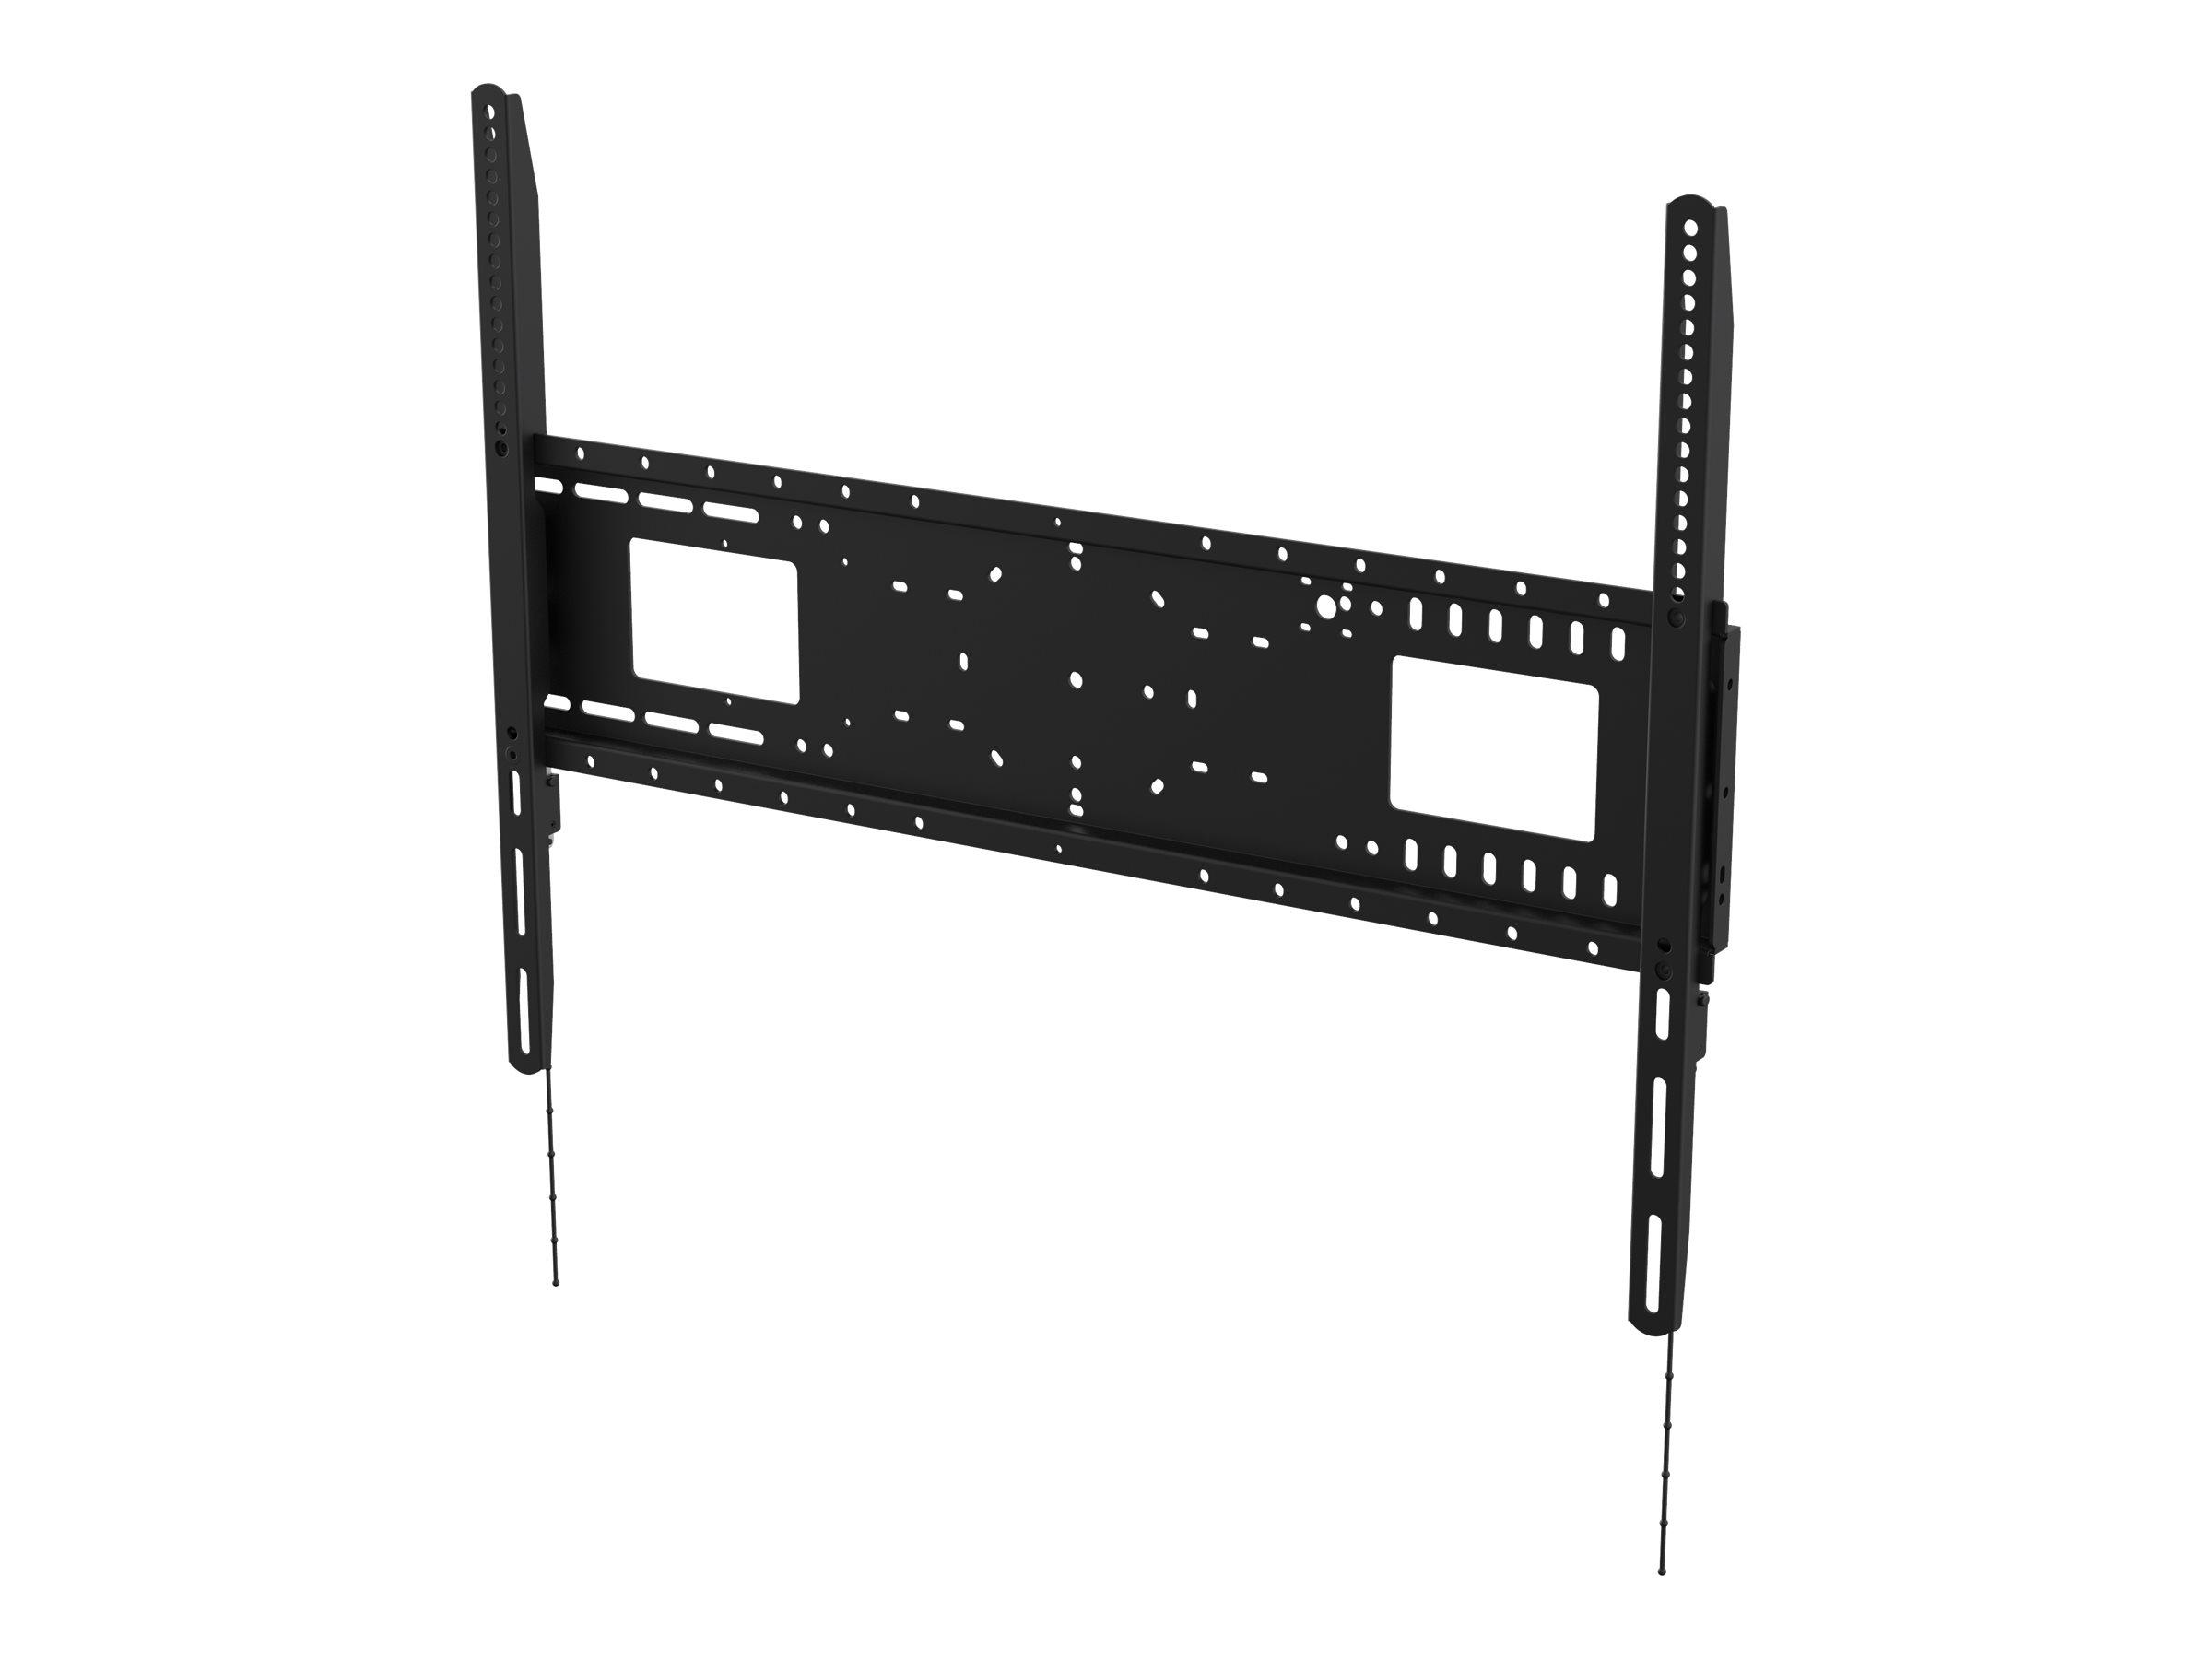 Vision VFM-W8X6 - Heavy Duty - Wandhalterung für Media Player / LCD-Display - kaltgewalzter Stahl - Schwarz - Bildschirmgrösse: